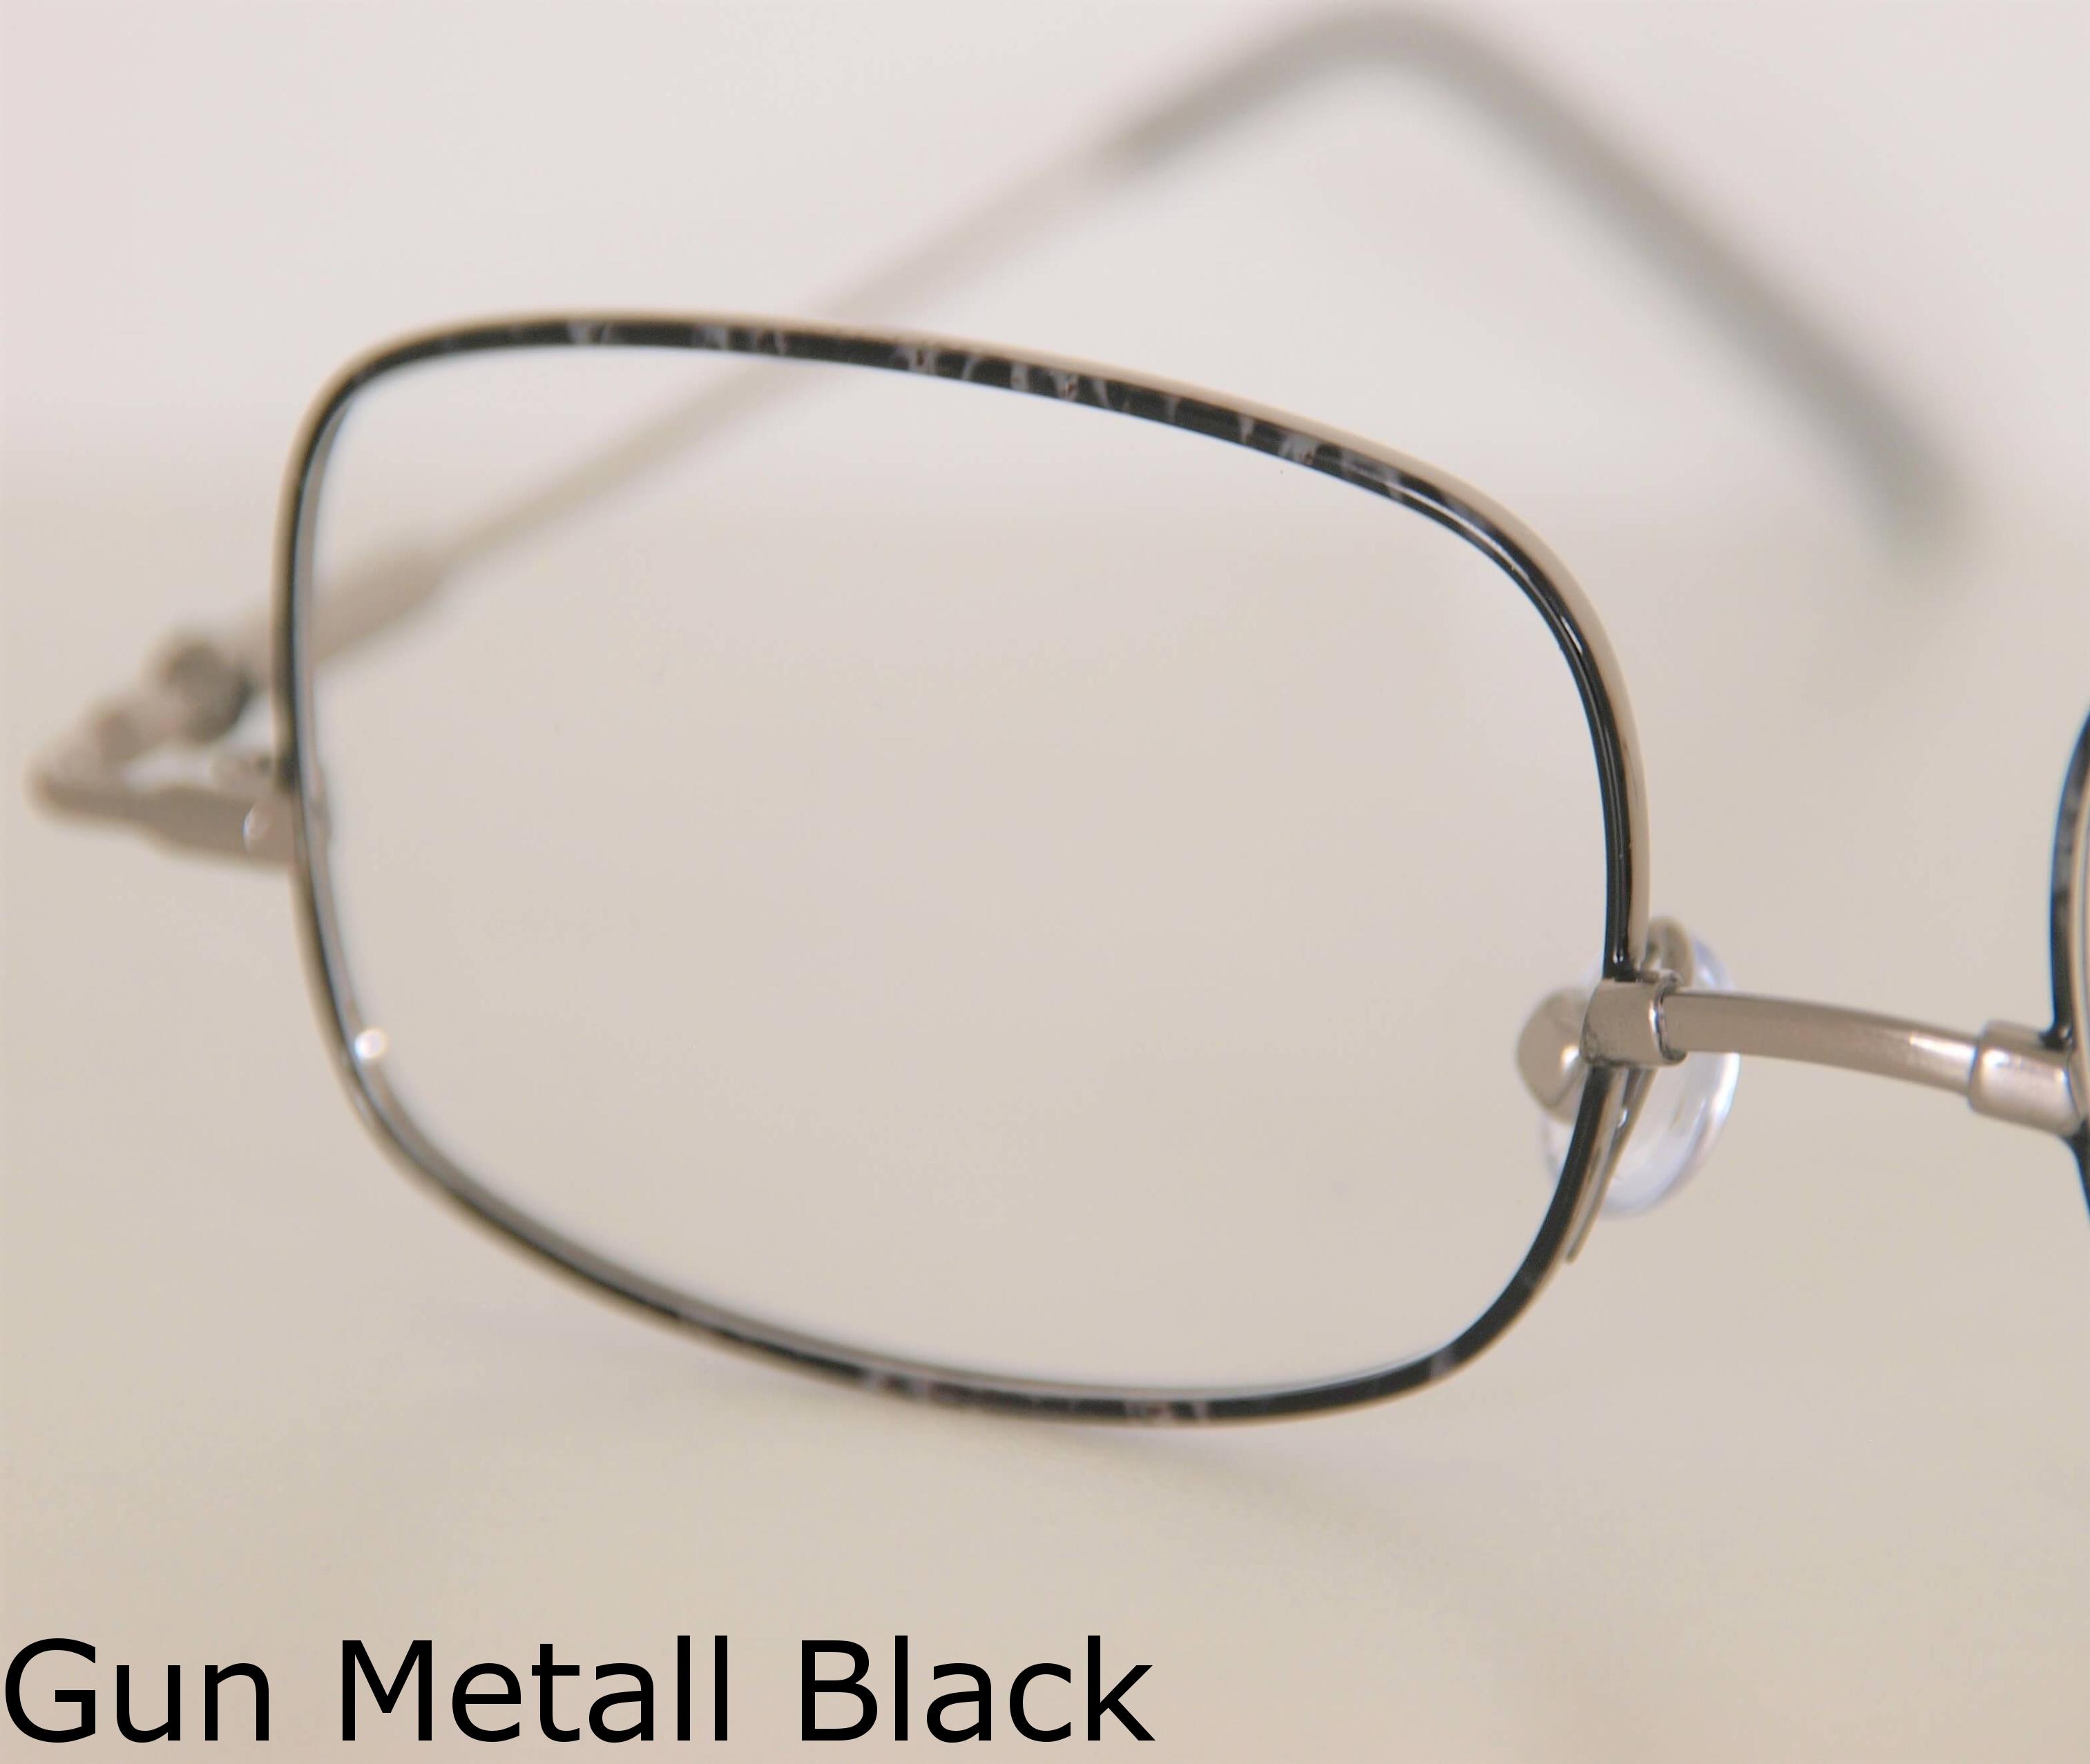 - Gun-Metall Black